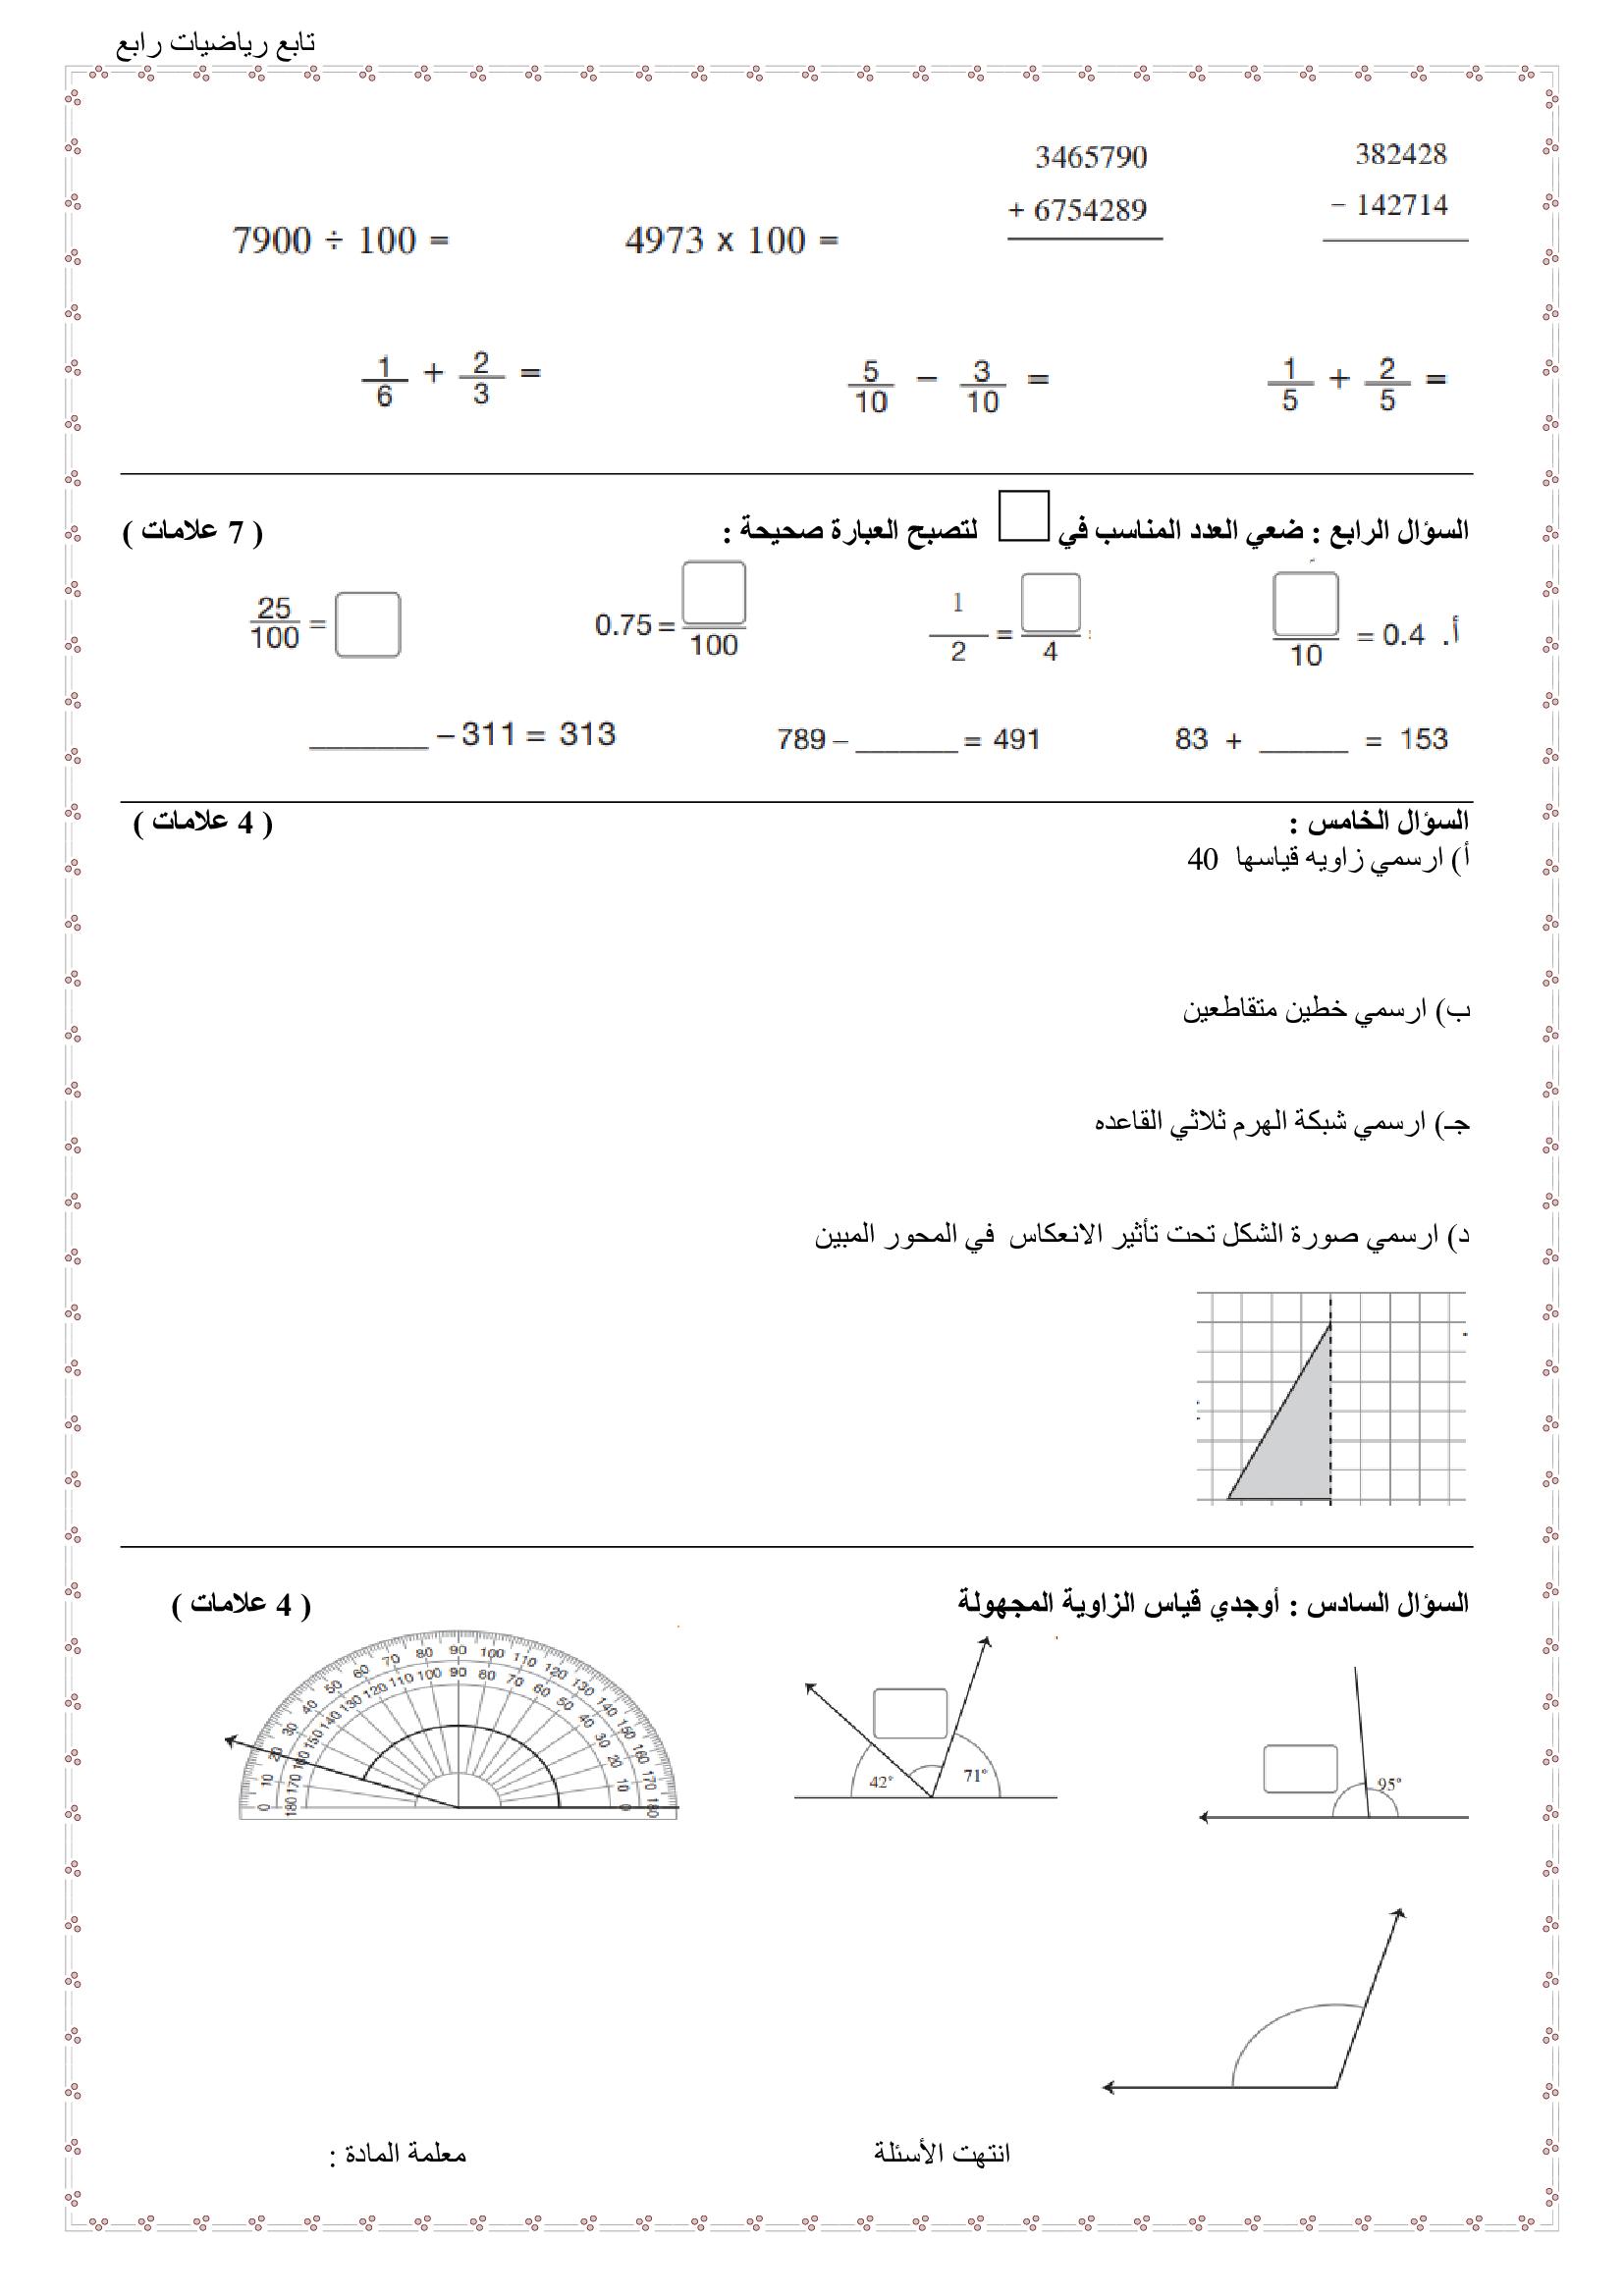 امتحان الرياضيات نهاية الفصل الدراسي الاول للصف الرابع 2020